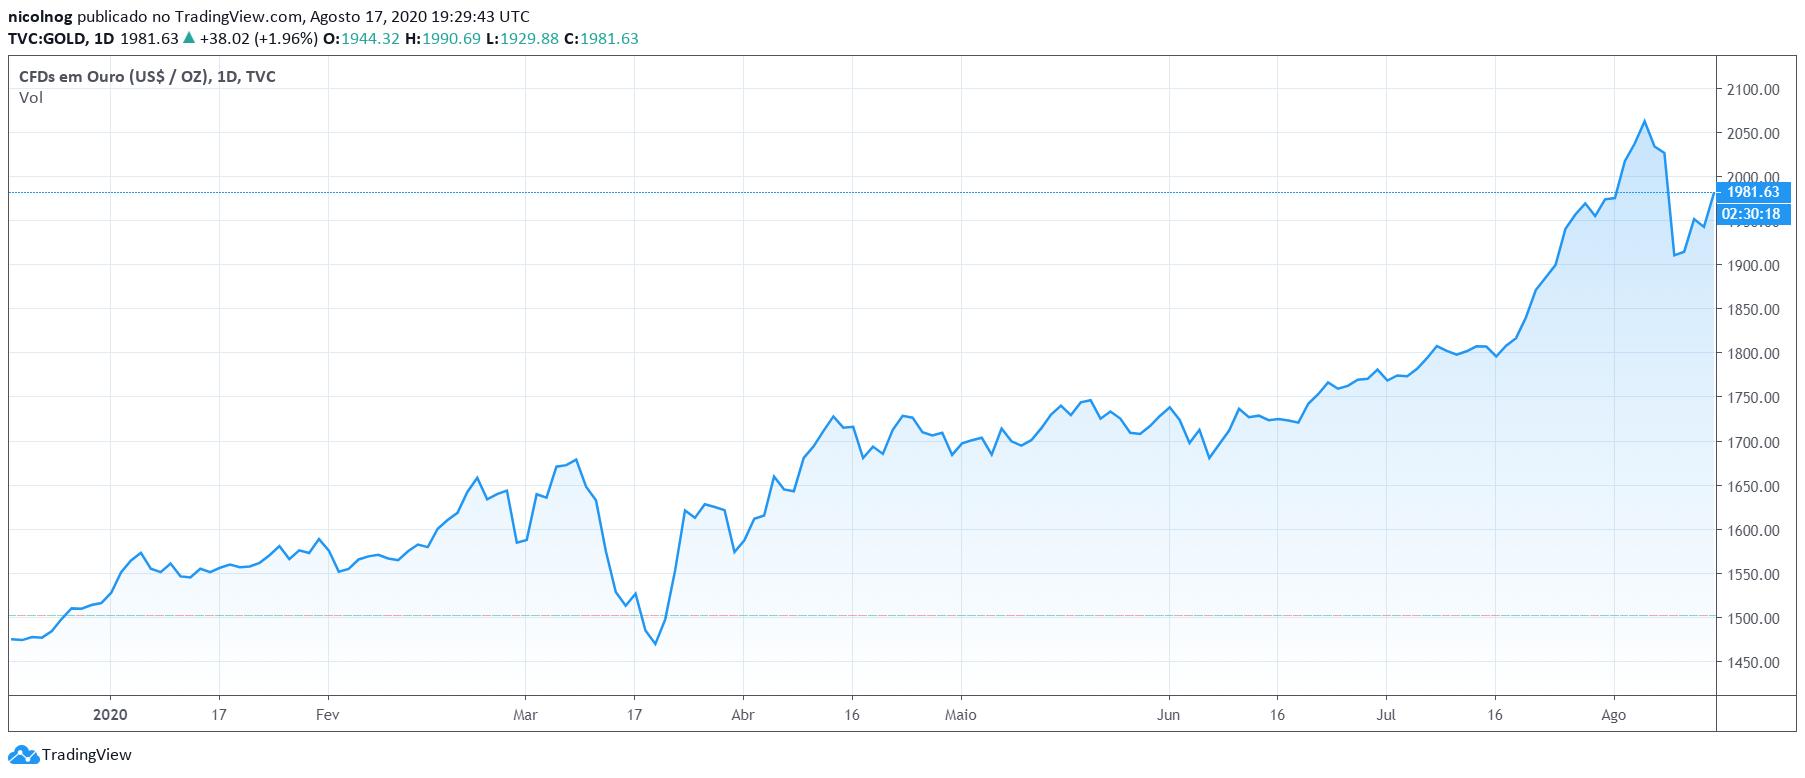 Desempenho do ouro x dólar em 2020